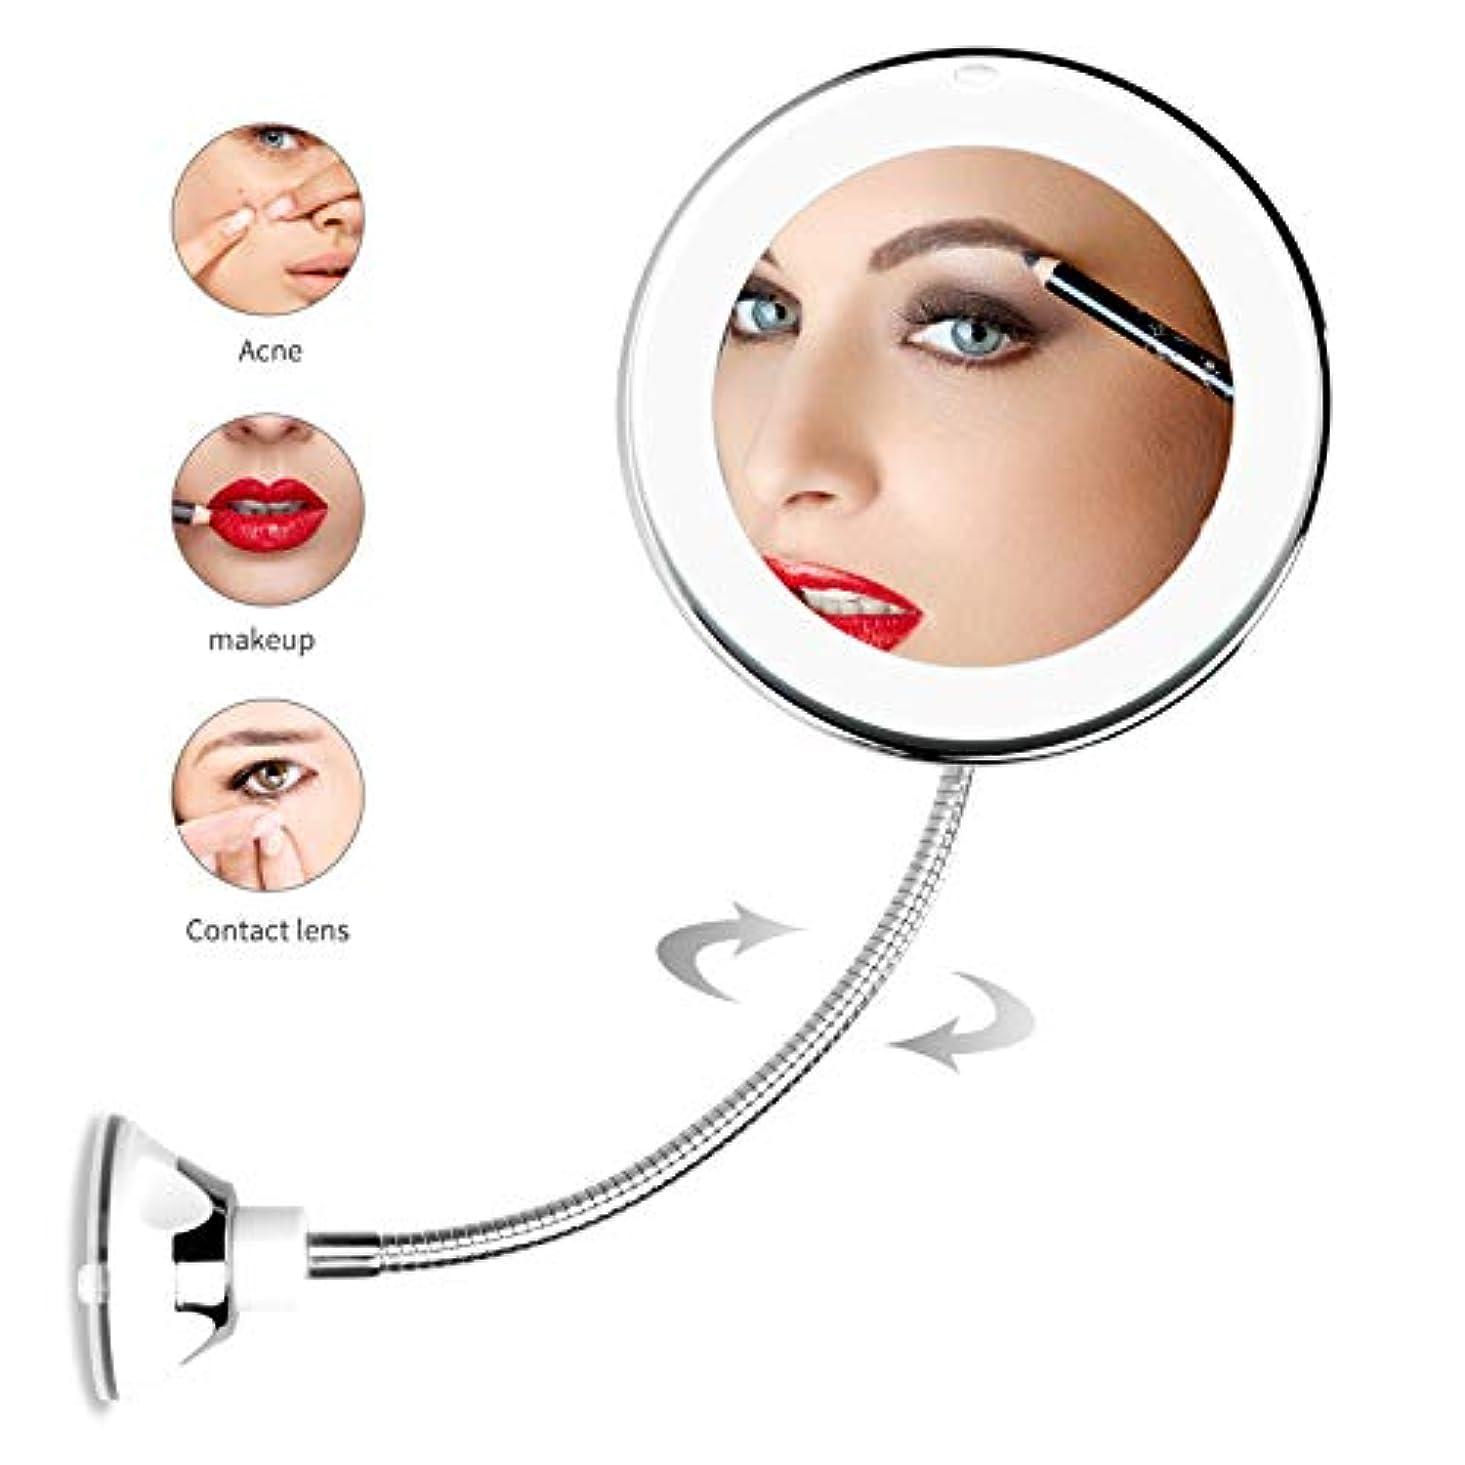 暴露反乱分類化粧鏡 卓上 化粧ミラー 鏡 led付き 拡大鏡 5倍 明るさ調節可能 360°回転 強力な吸盤付き